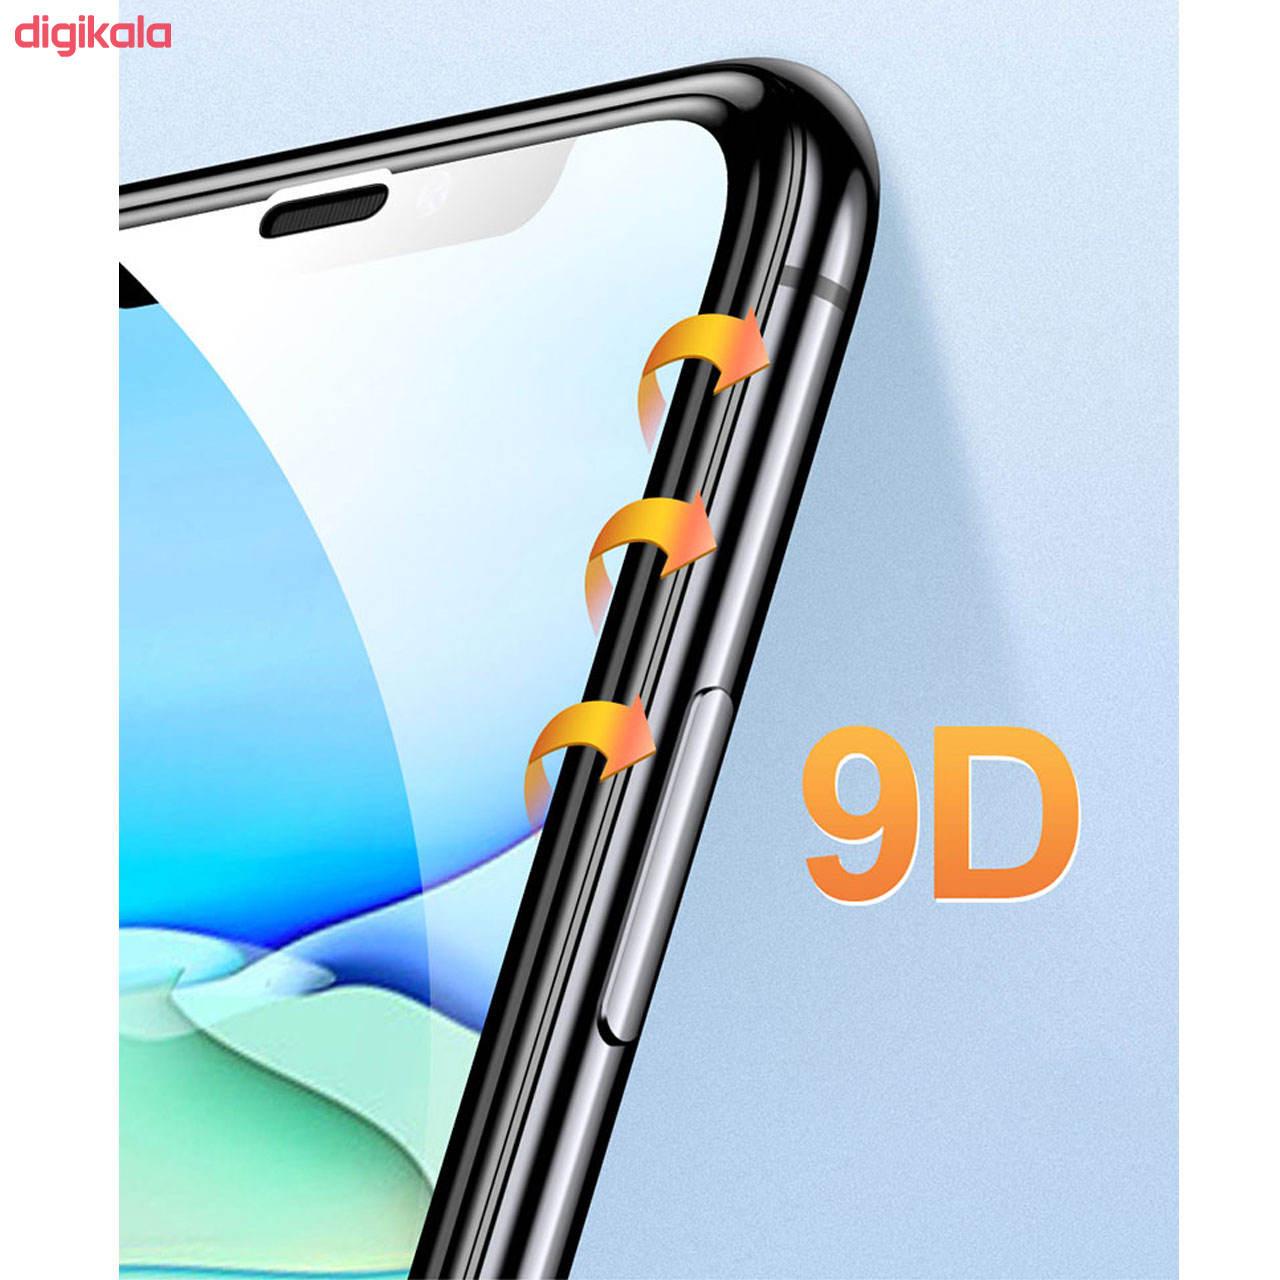 محافظ صفحه نمایش مدل FCG مناسب برای گوشی موبایل اپل iPhone 12 Pro بسته دو عددی main 1 6